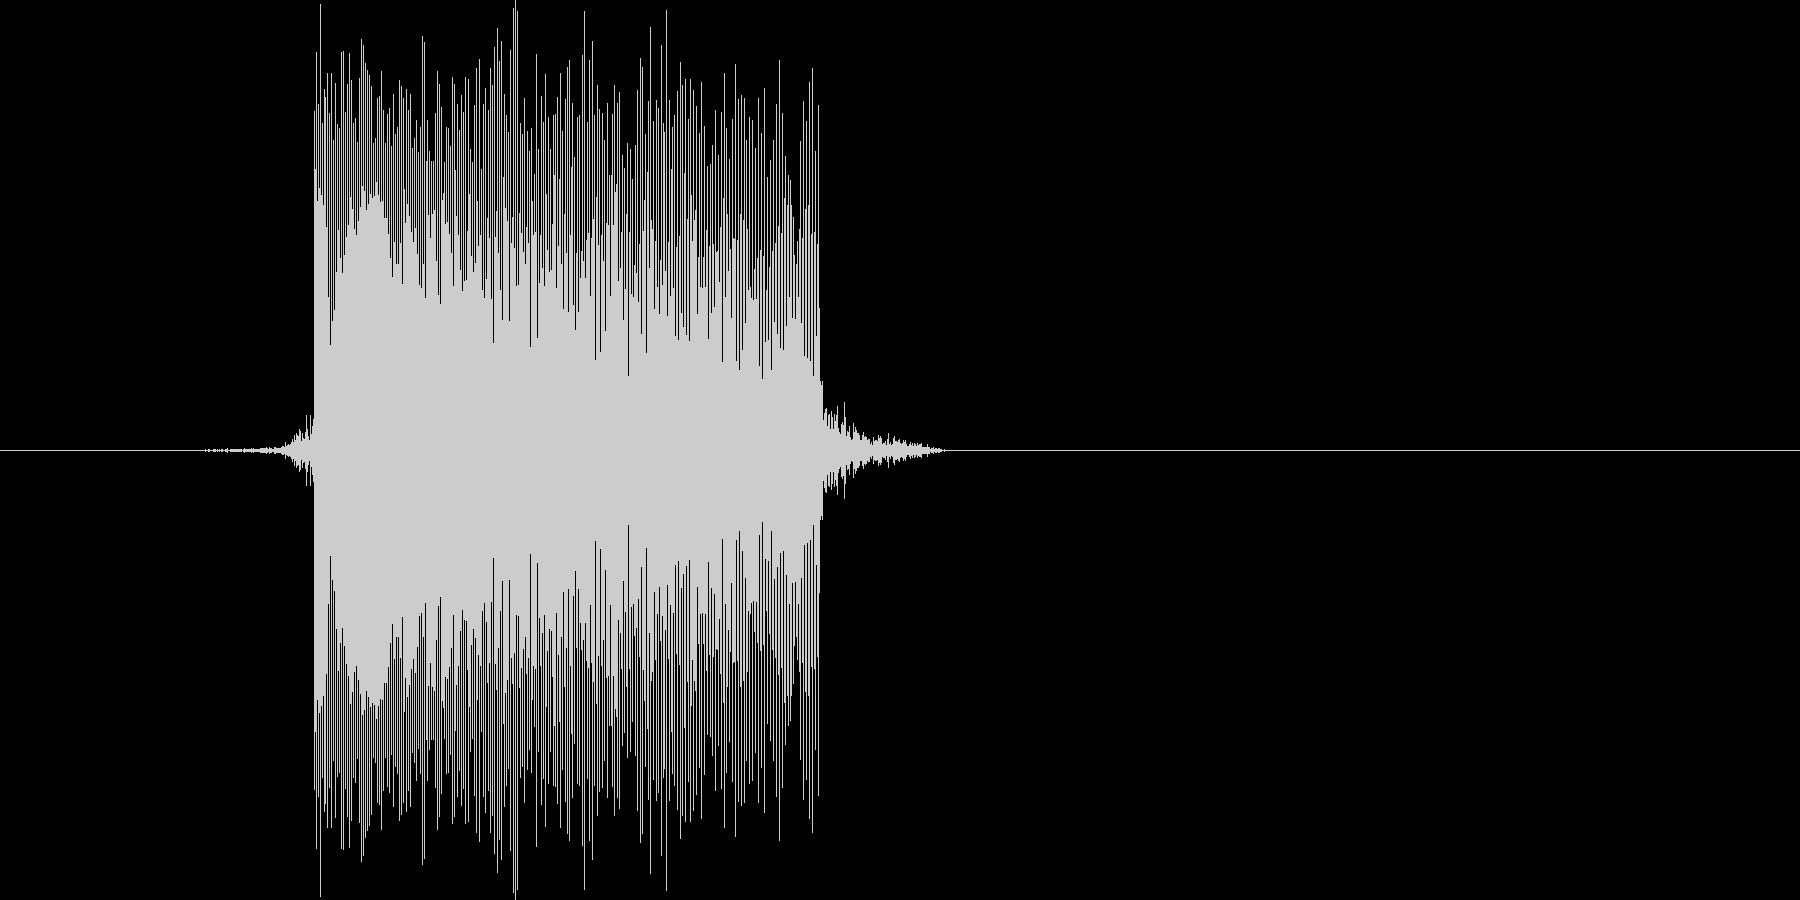 ゲーム(ファミコン風)レーザー音_014の未再生の波形